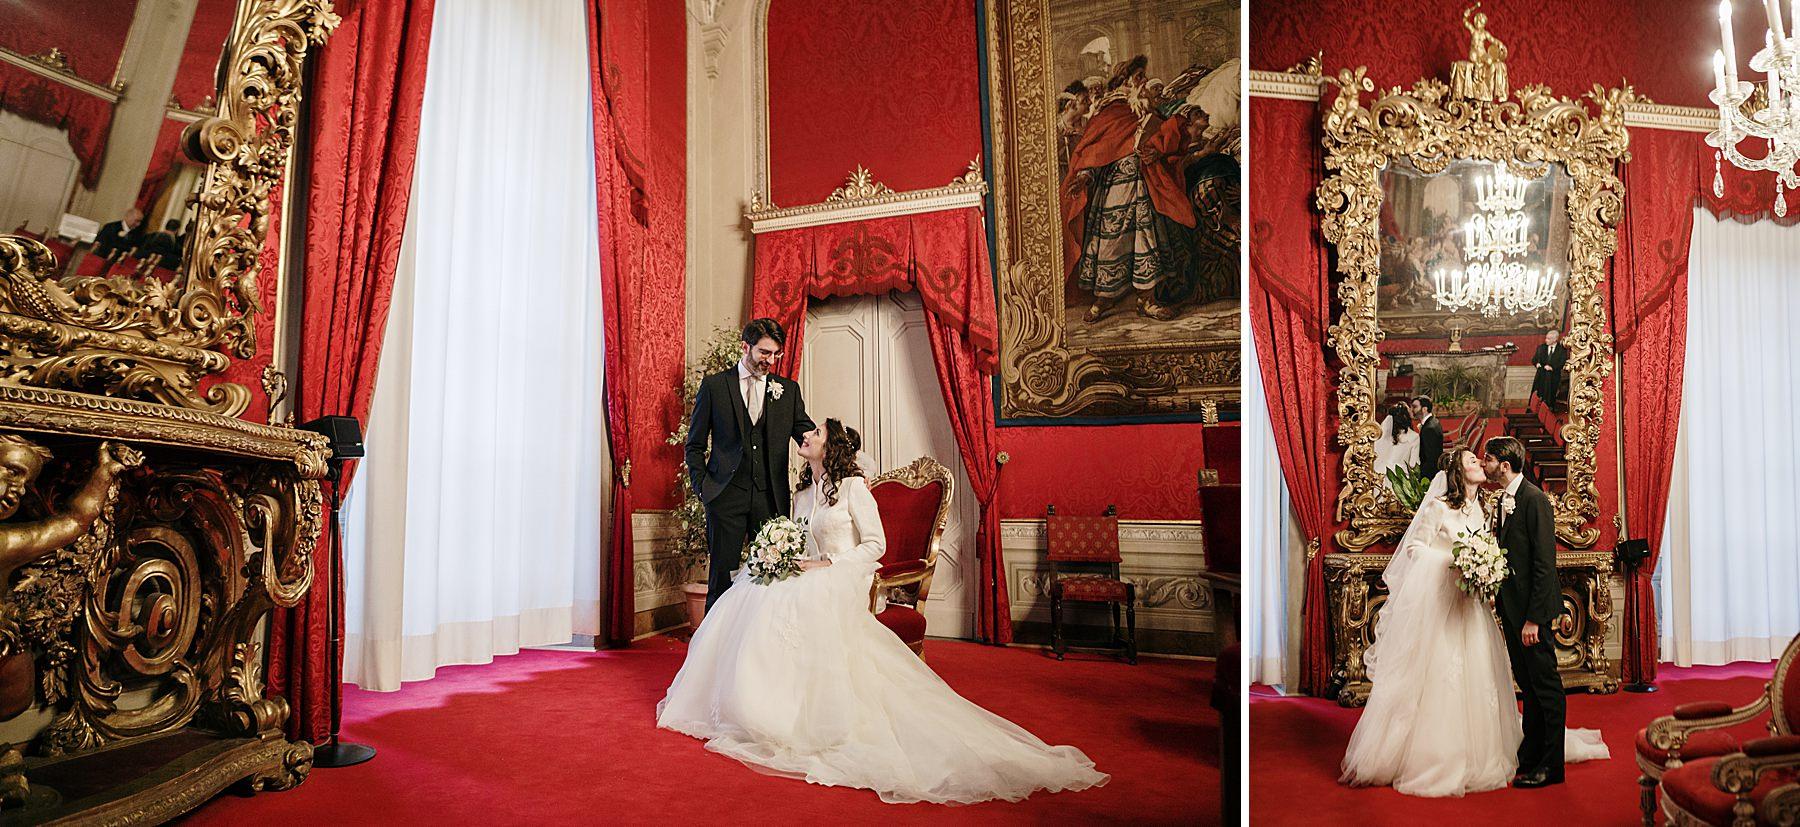 fotografia di matrimonio a firenze in inverno 752